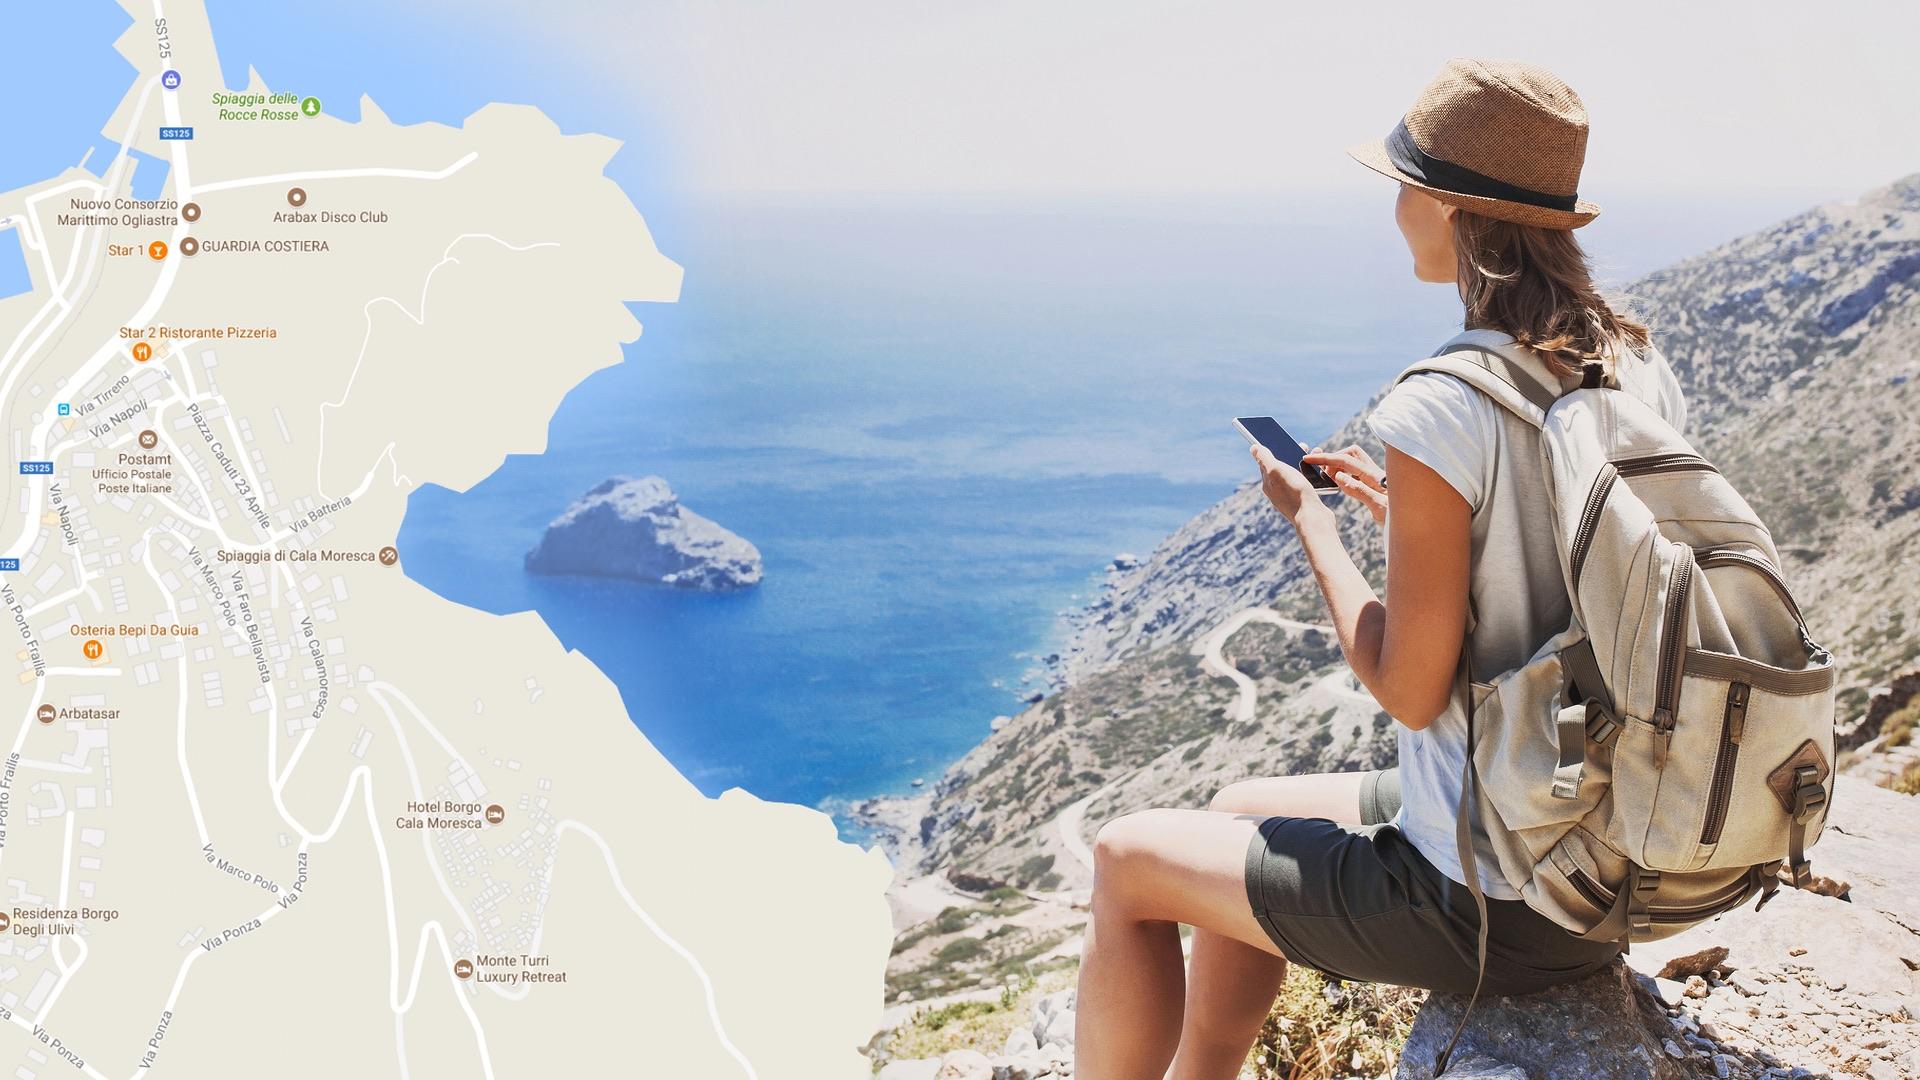 Entfernungsmesser Maps : Google maps karte erstellen mit mymaps u so geht s